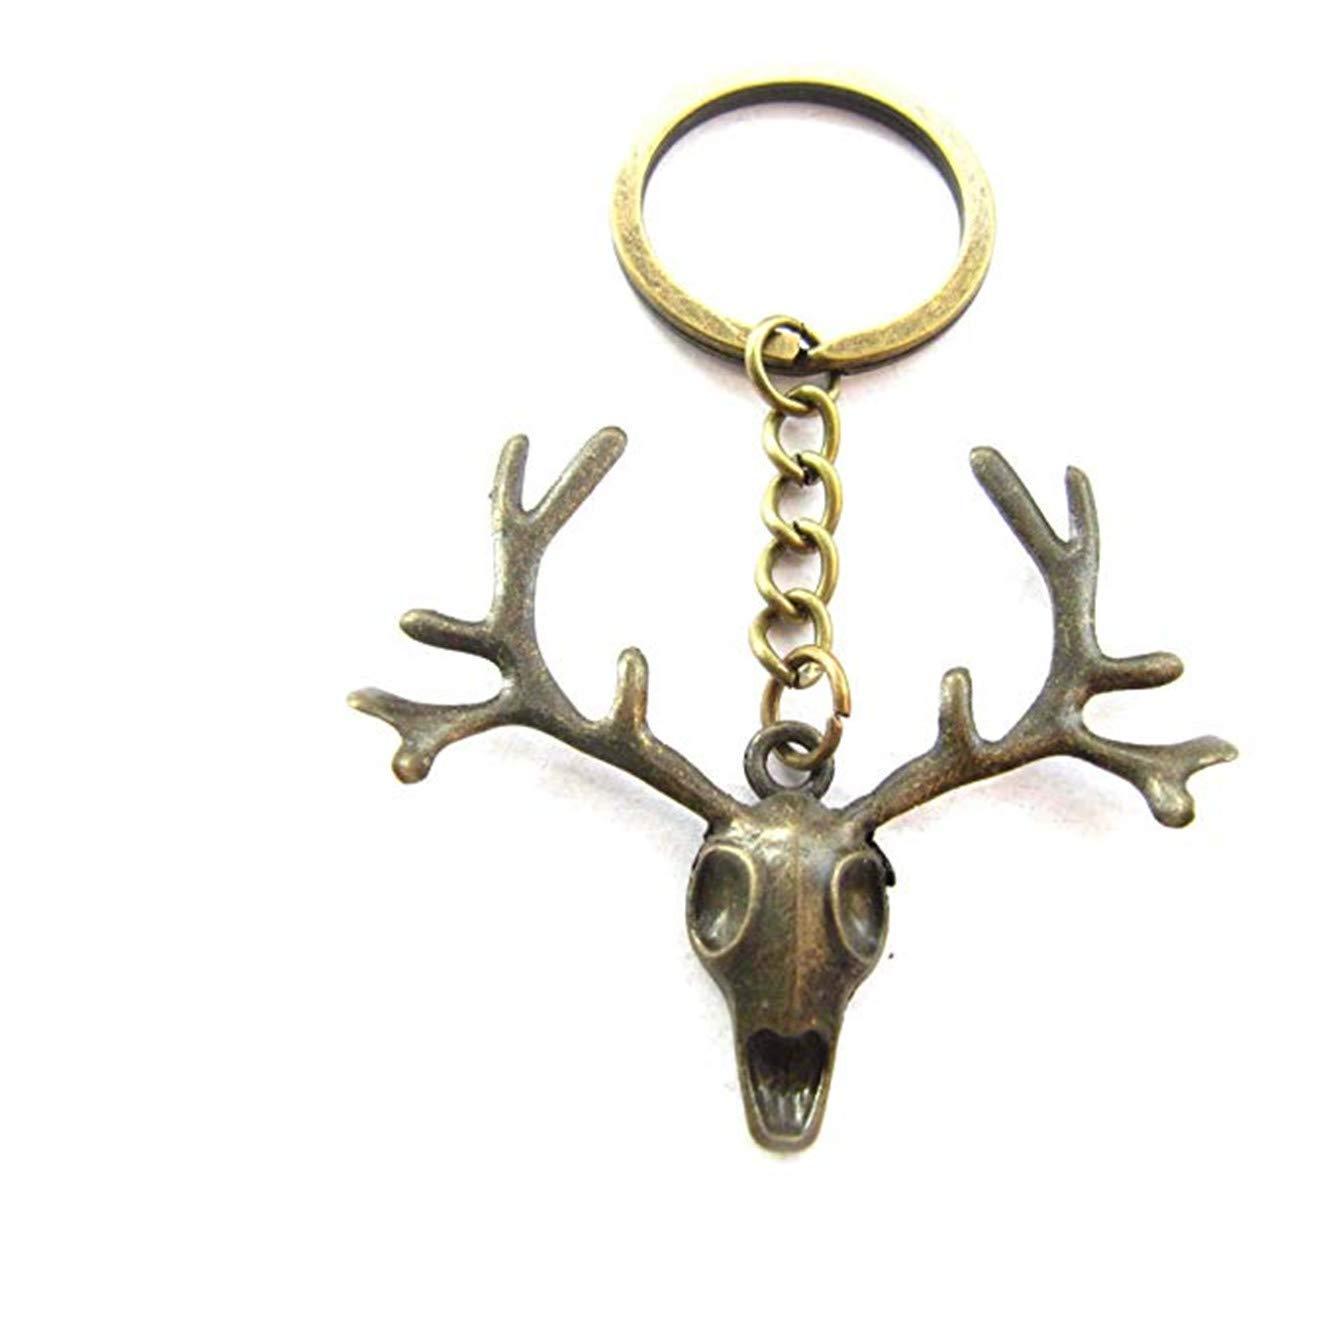 Amazon.com: Llavero de ciervo, llavero de caza, llavero de ...